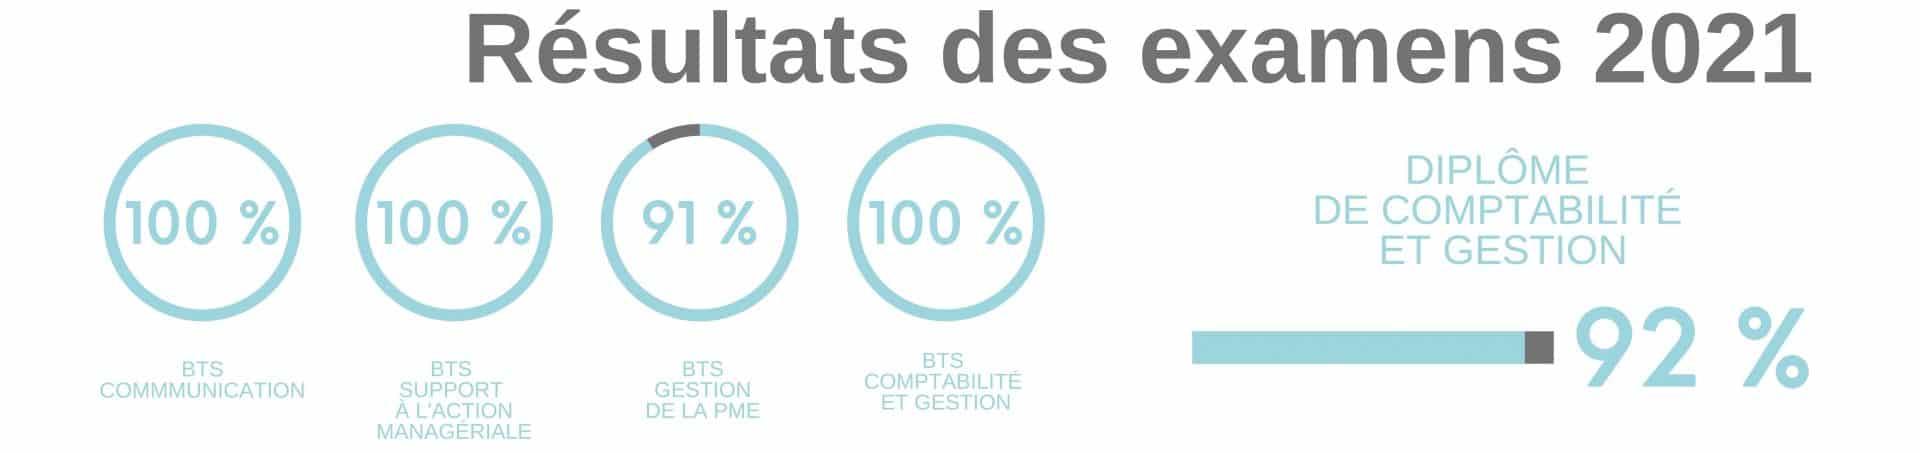 Diplome-de-comptabilite-et-gestion-1